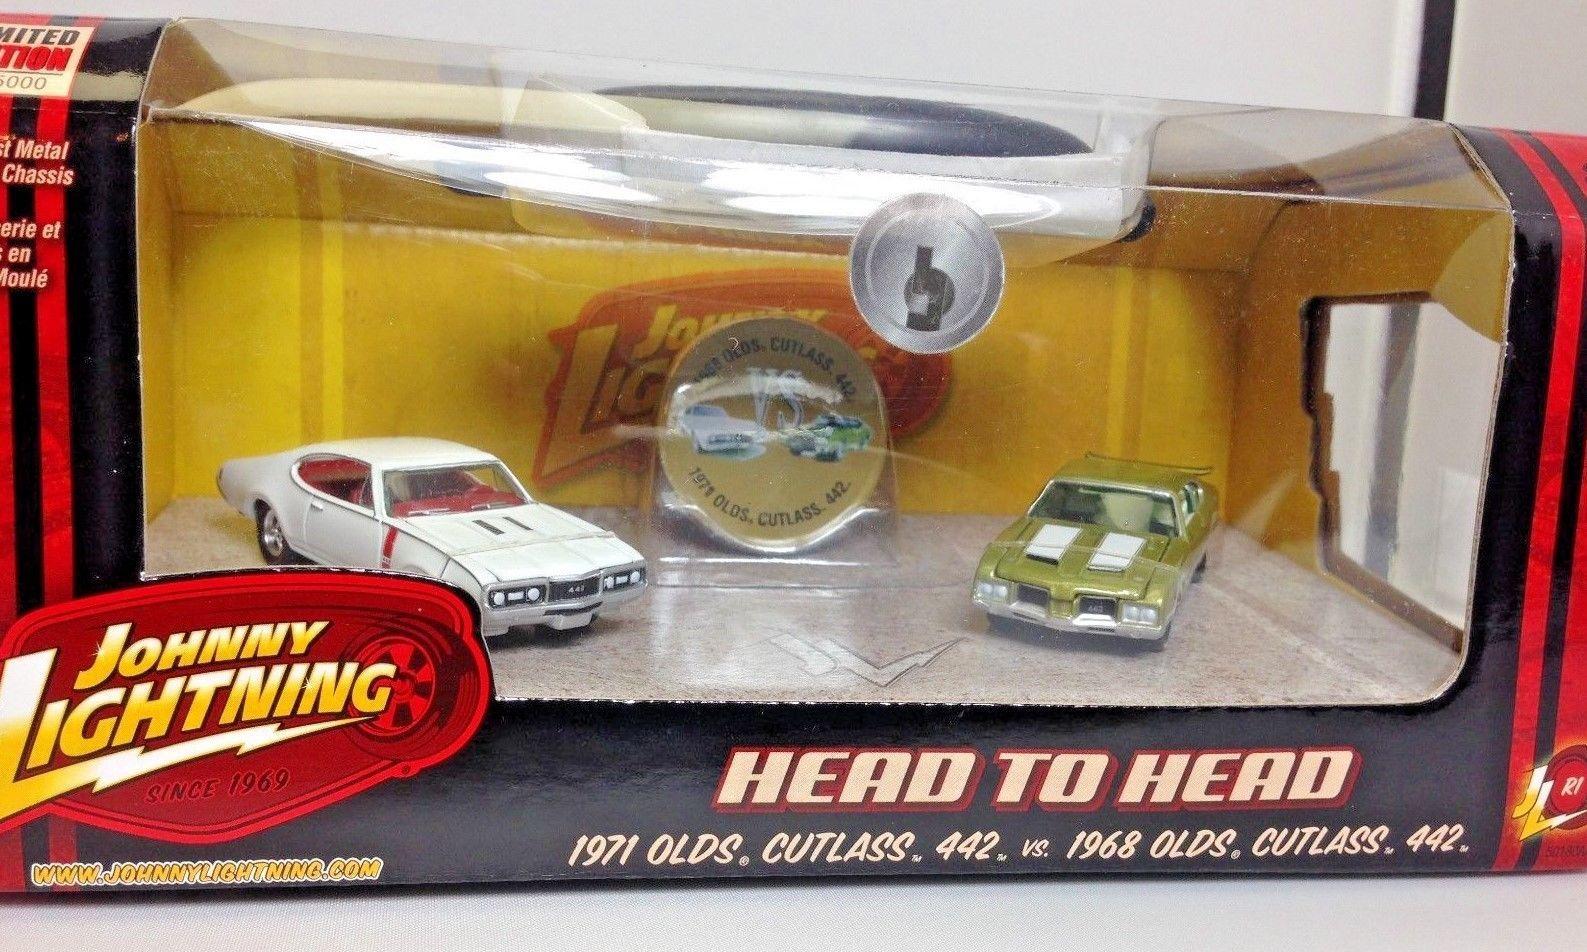 Johnny Lightning 1/64 Head to Head 2 car set 1971 Cutlass 442 1968 Cutlass 442